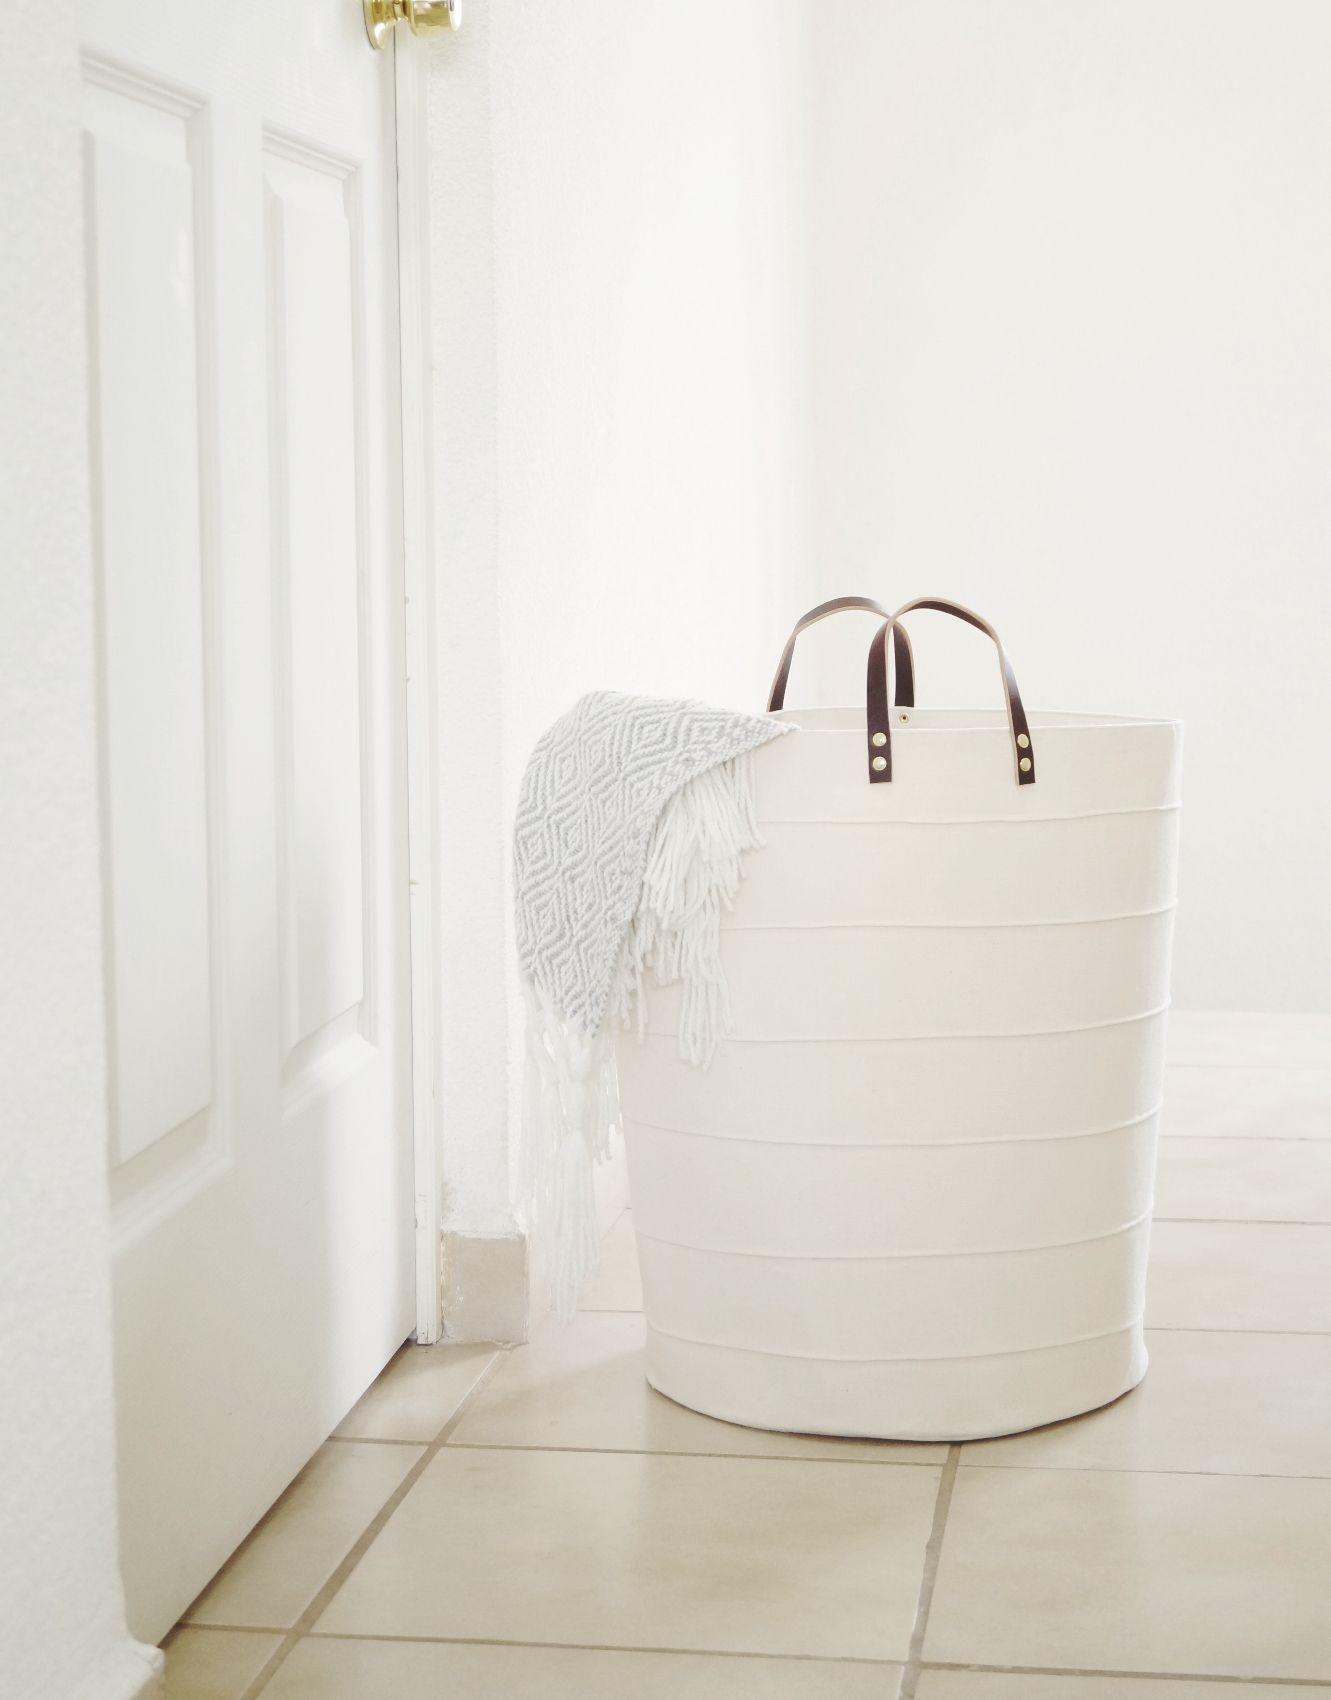 Decorative Laundry Hamper Laundry Basketlarge Storage Basketlaundry Hampertoy Storage